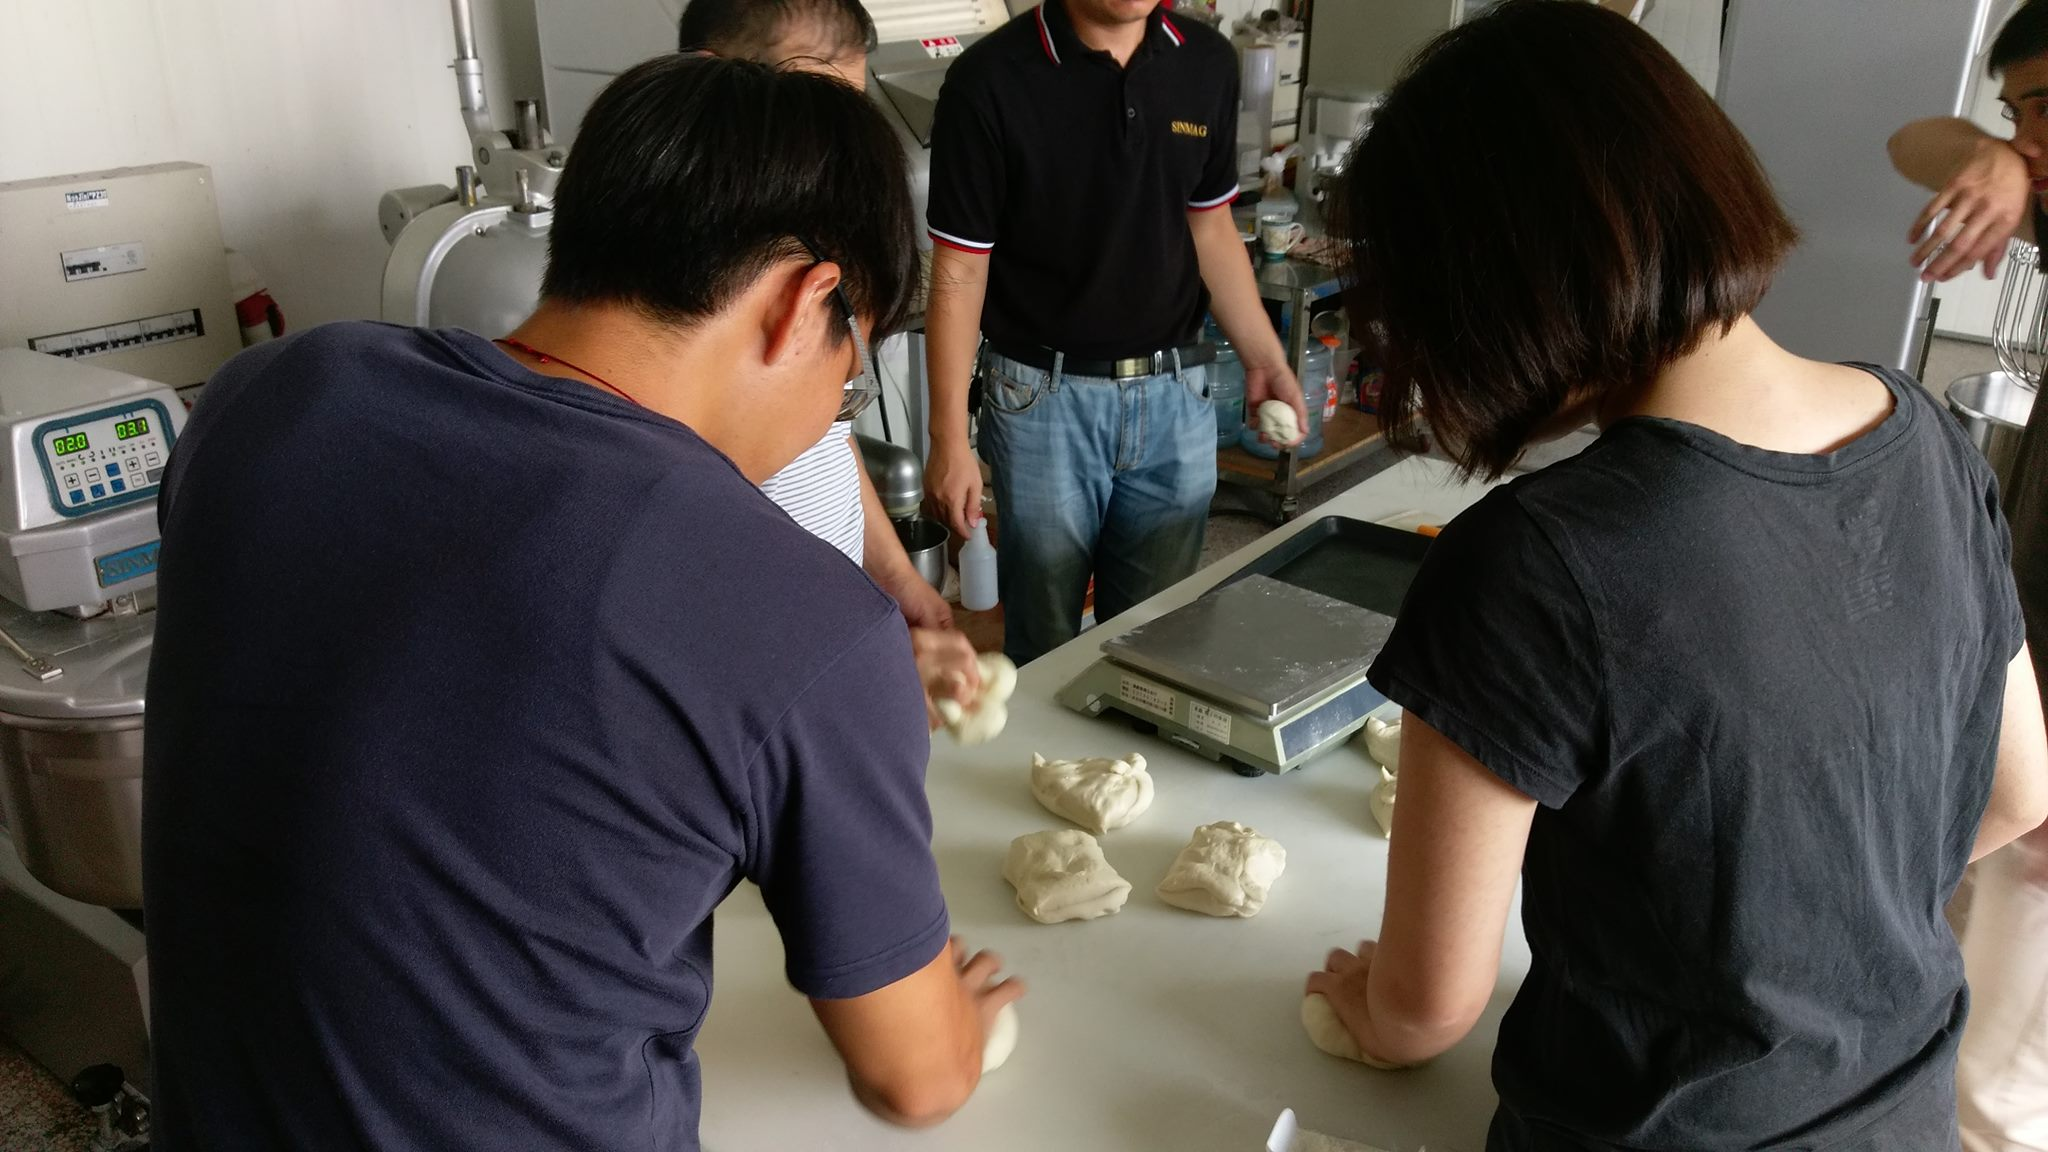 給大紀元-國貿系盧宏昱參與江蘇無錫新麥機械公司海外實習體驗麵包製作過程01.jpg